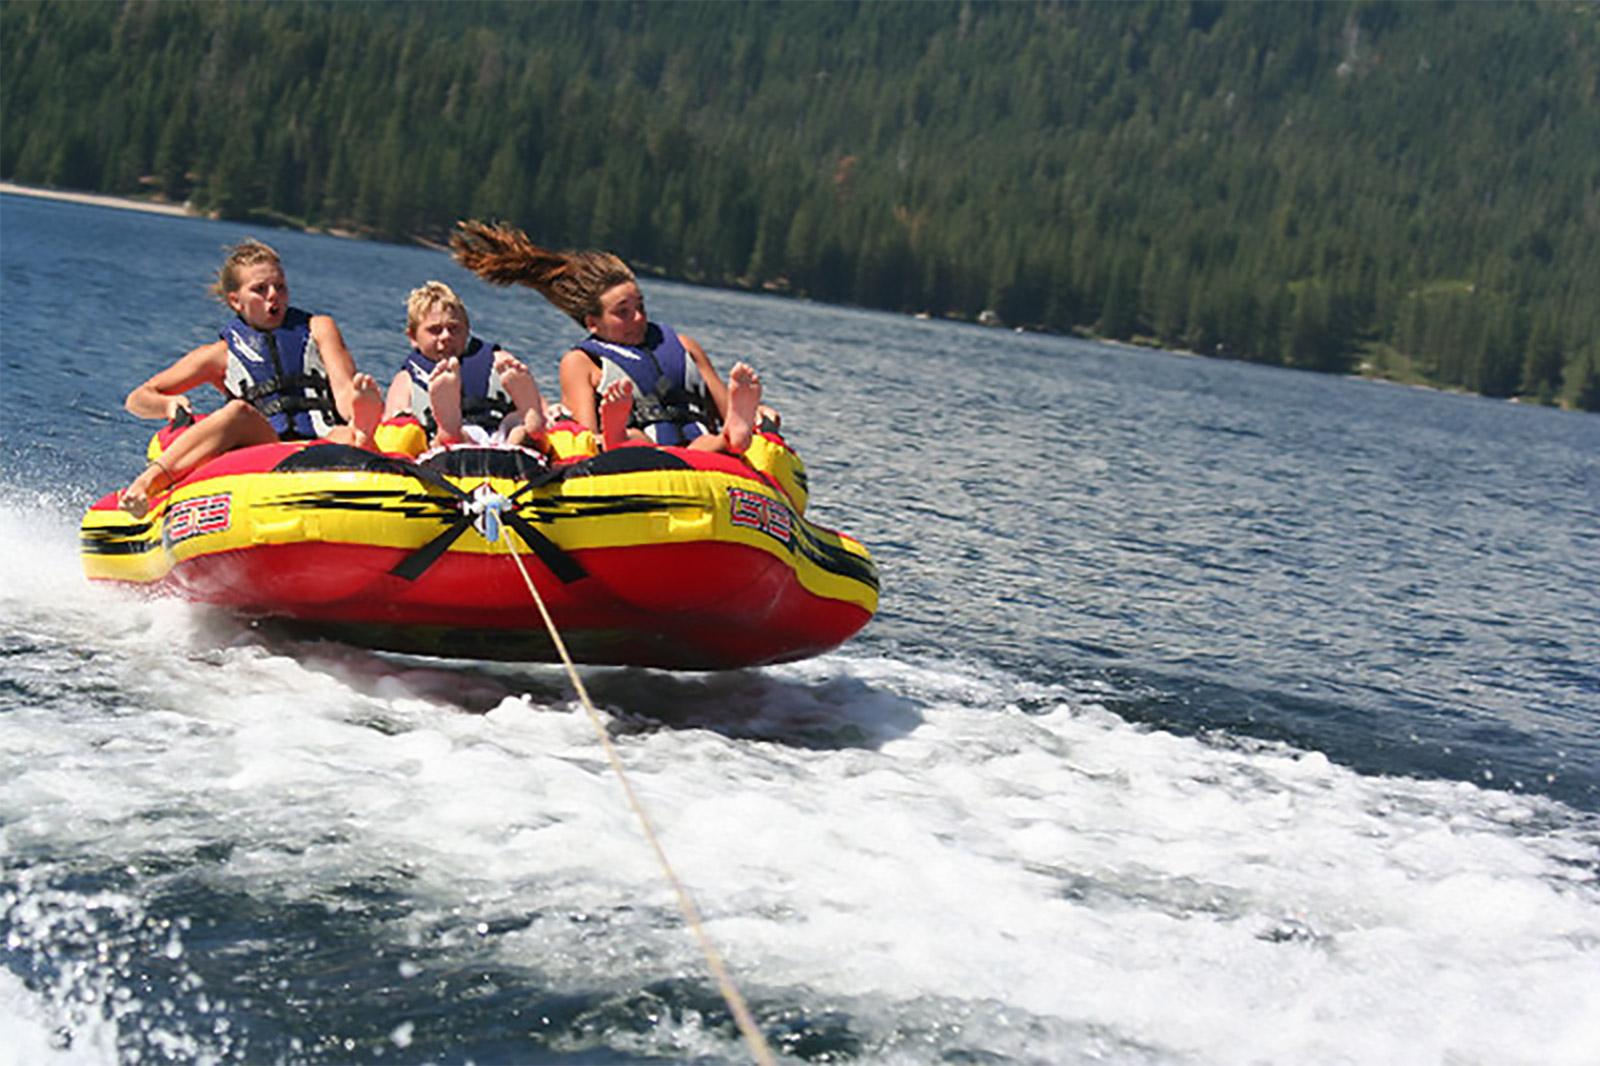 Water Fun at Buck's Lake